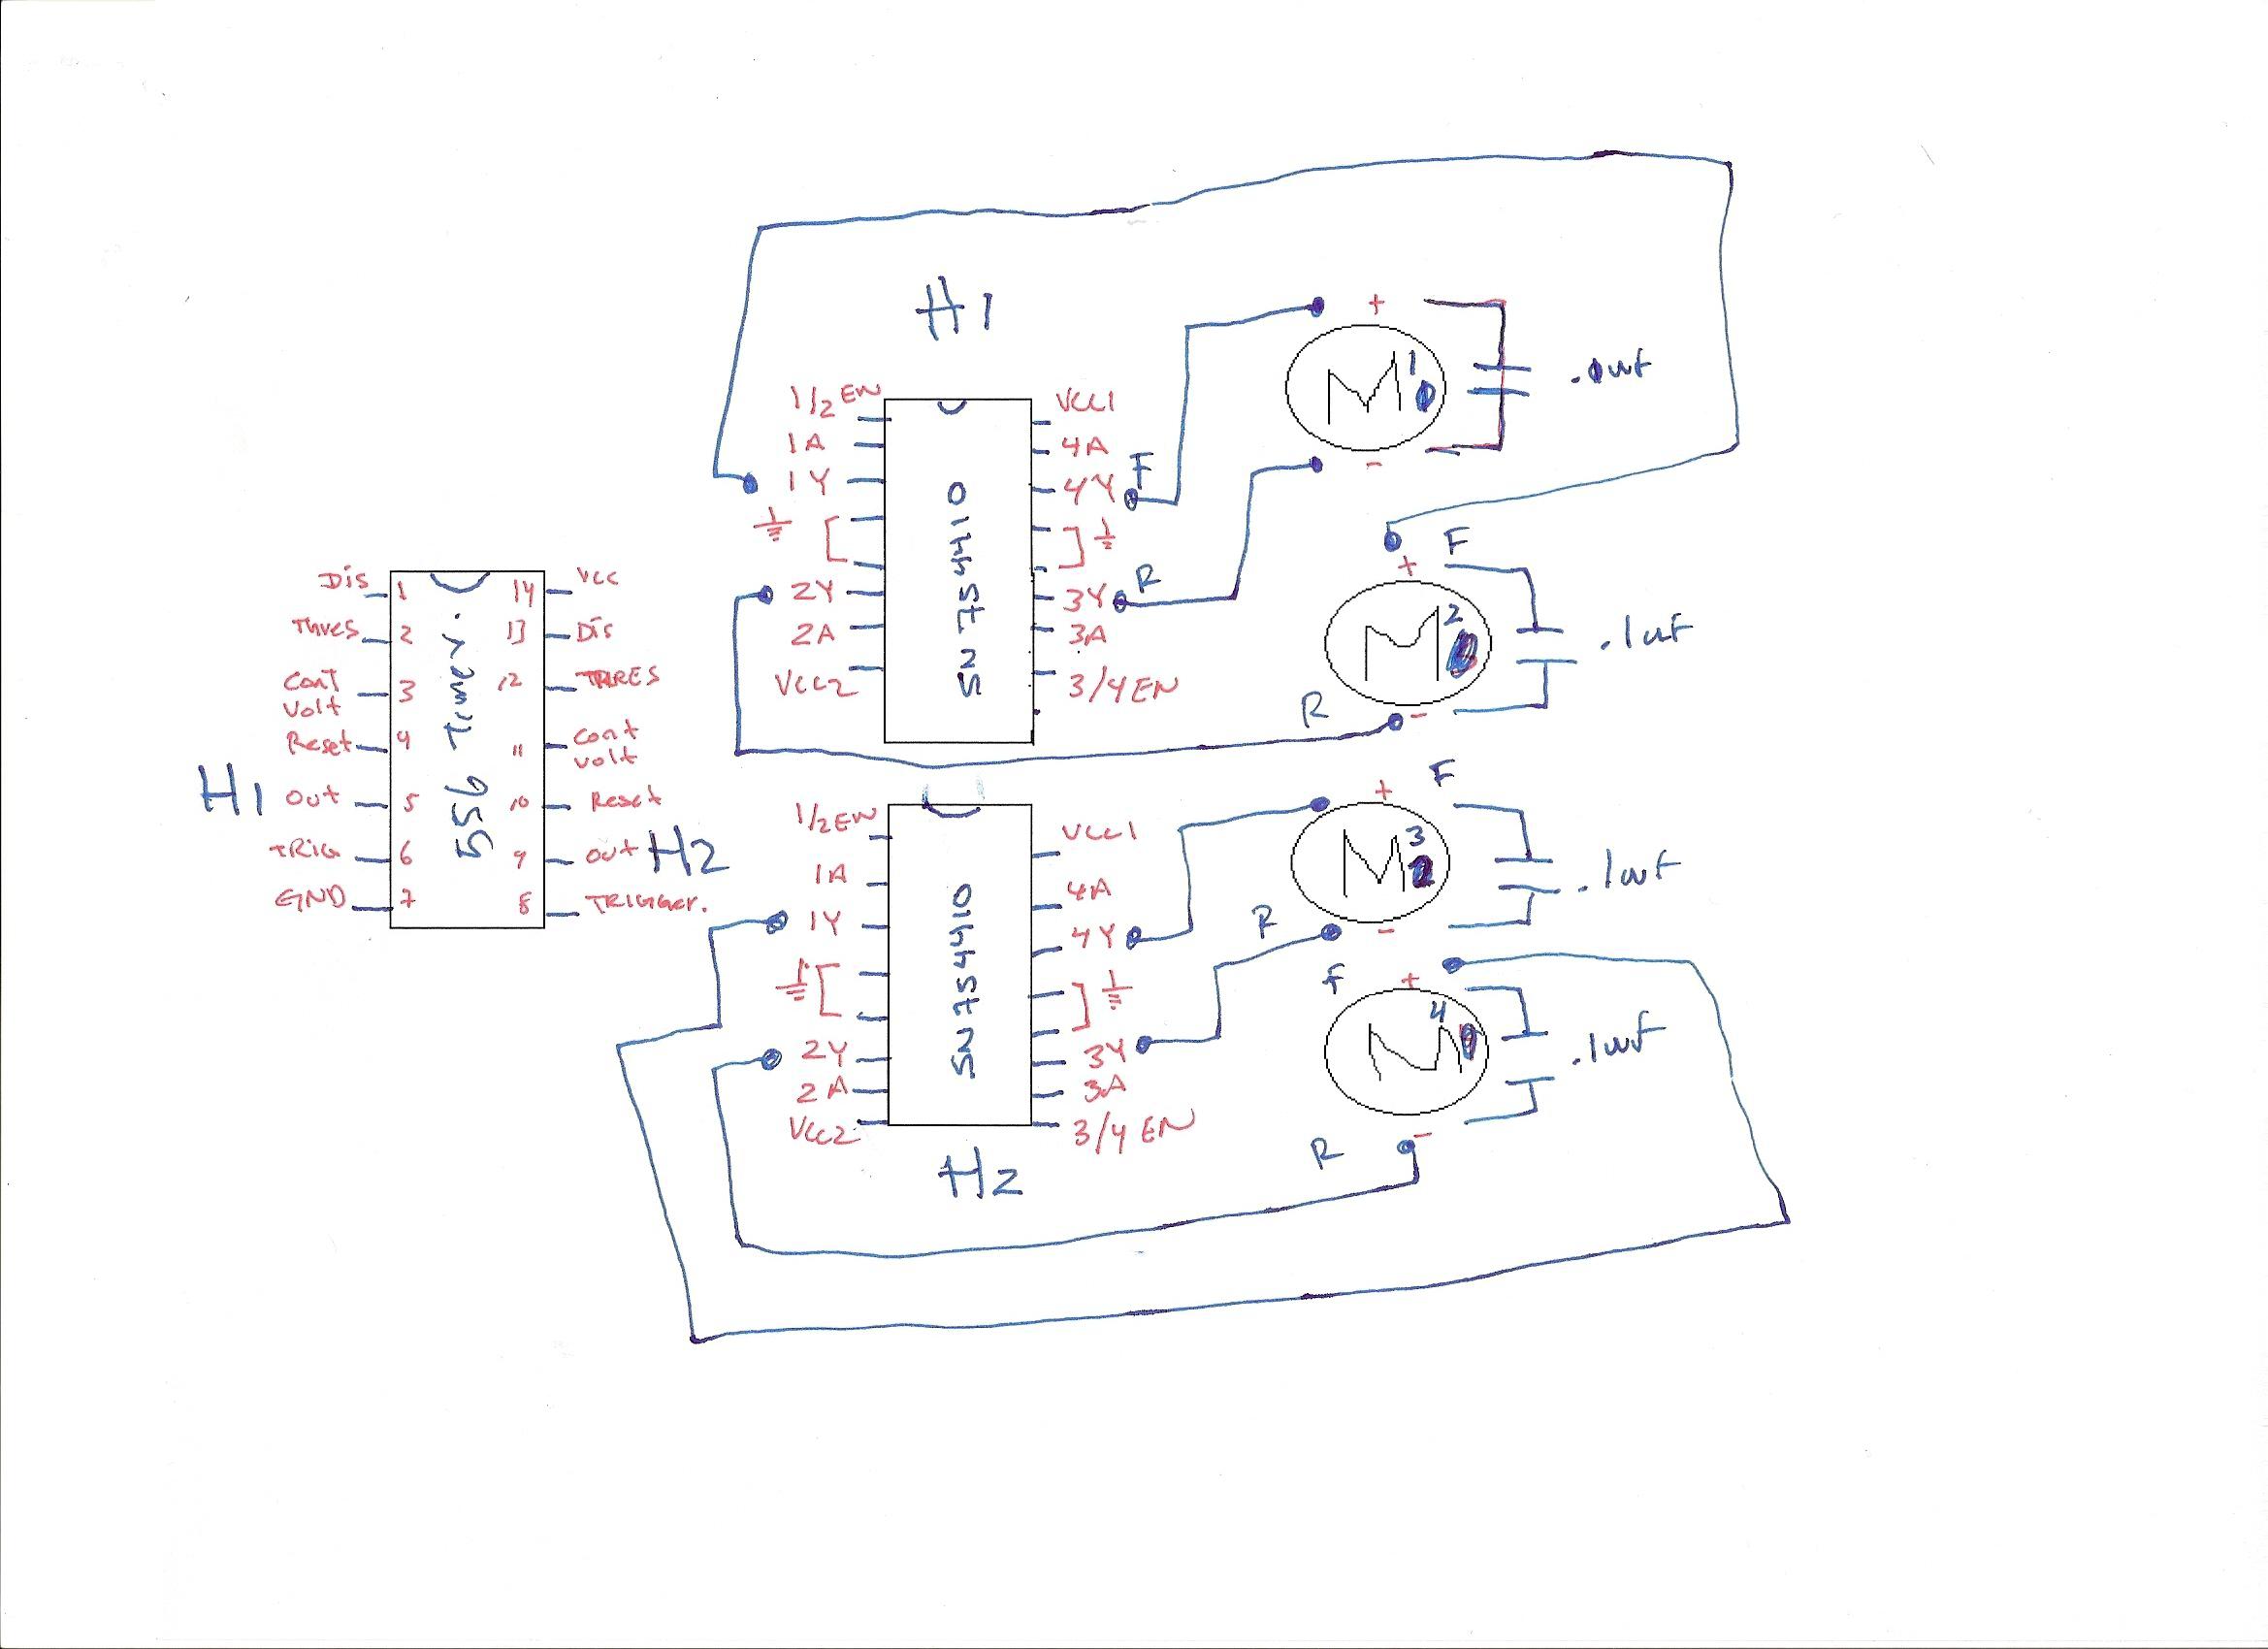 Basic Stamp 2 Sn 555 Timer Or 556 Timer Dc Motor